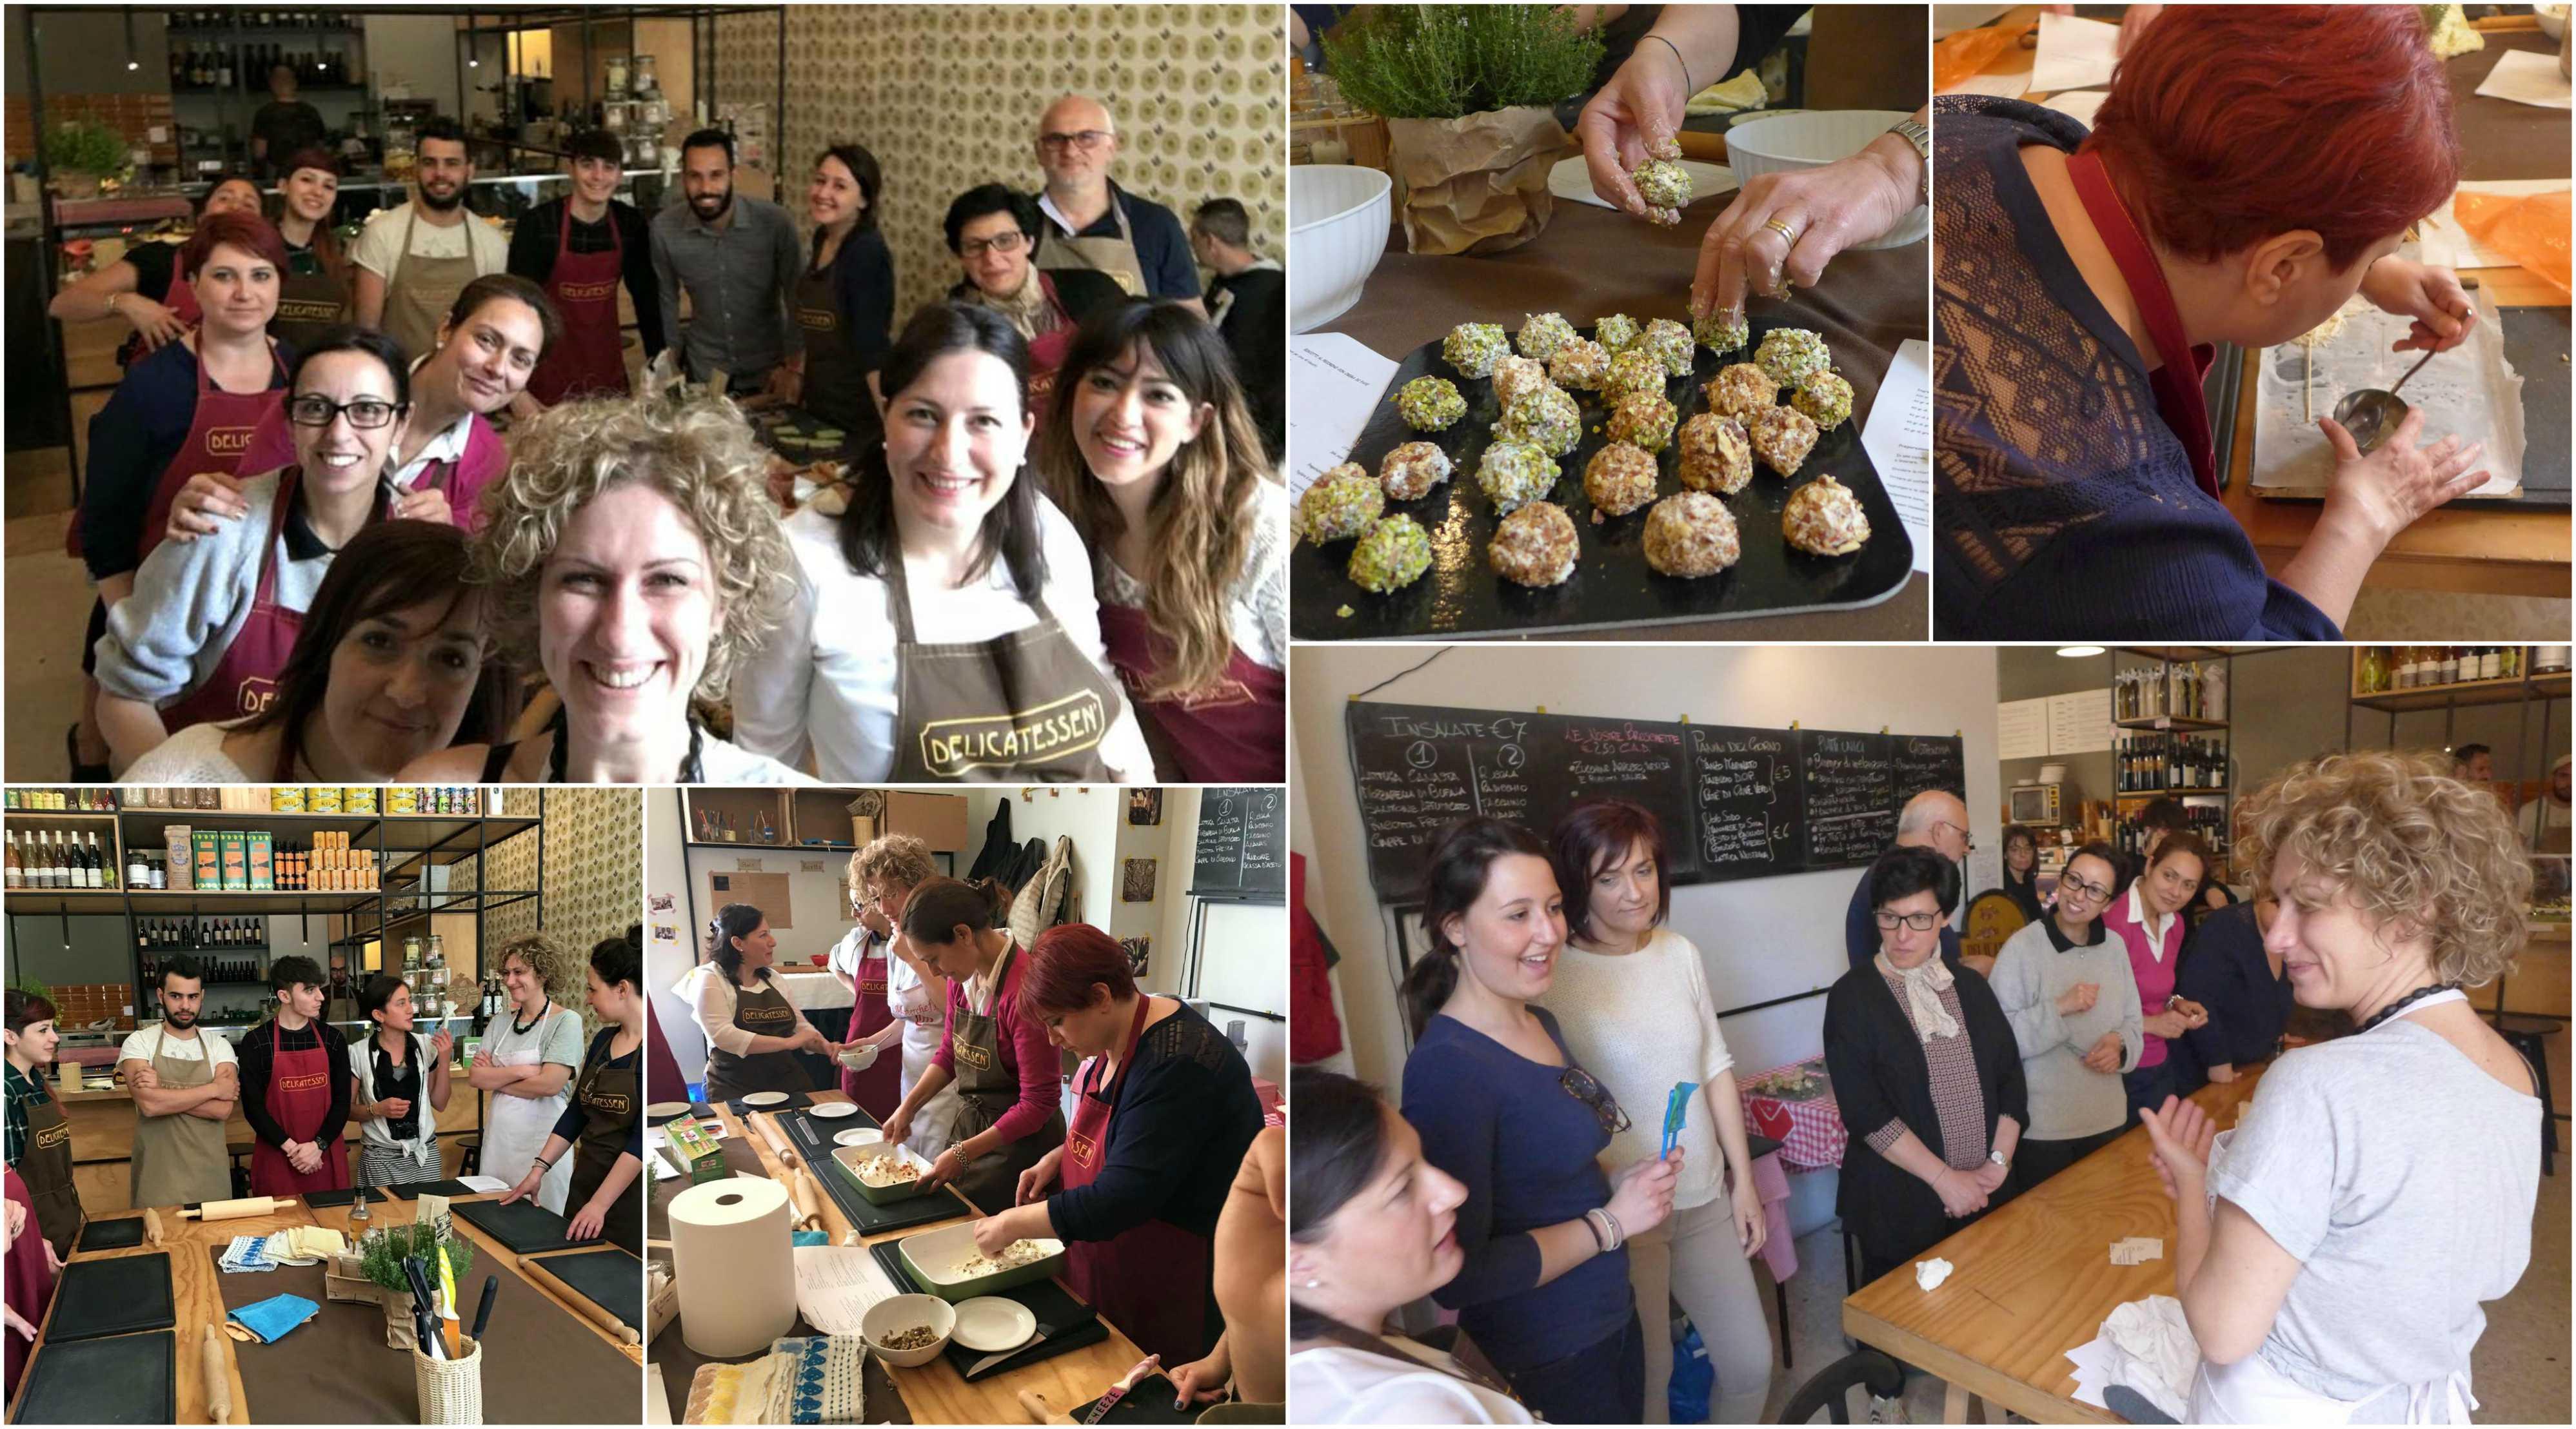 Lezioni di cucina al Delicatessen - E si cresce insieme